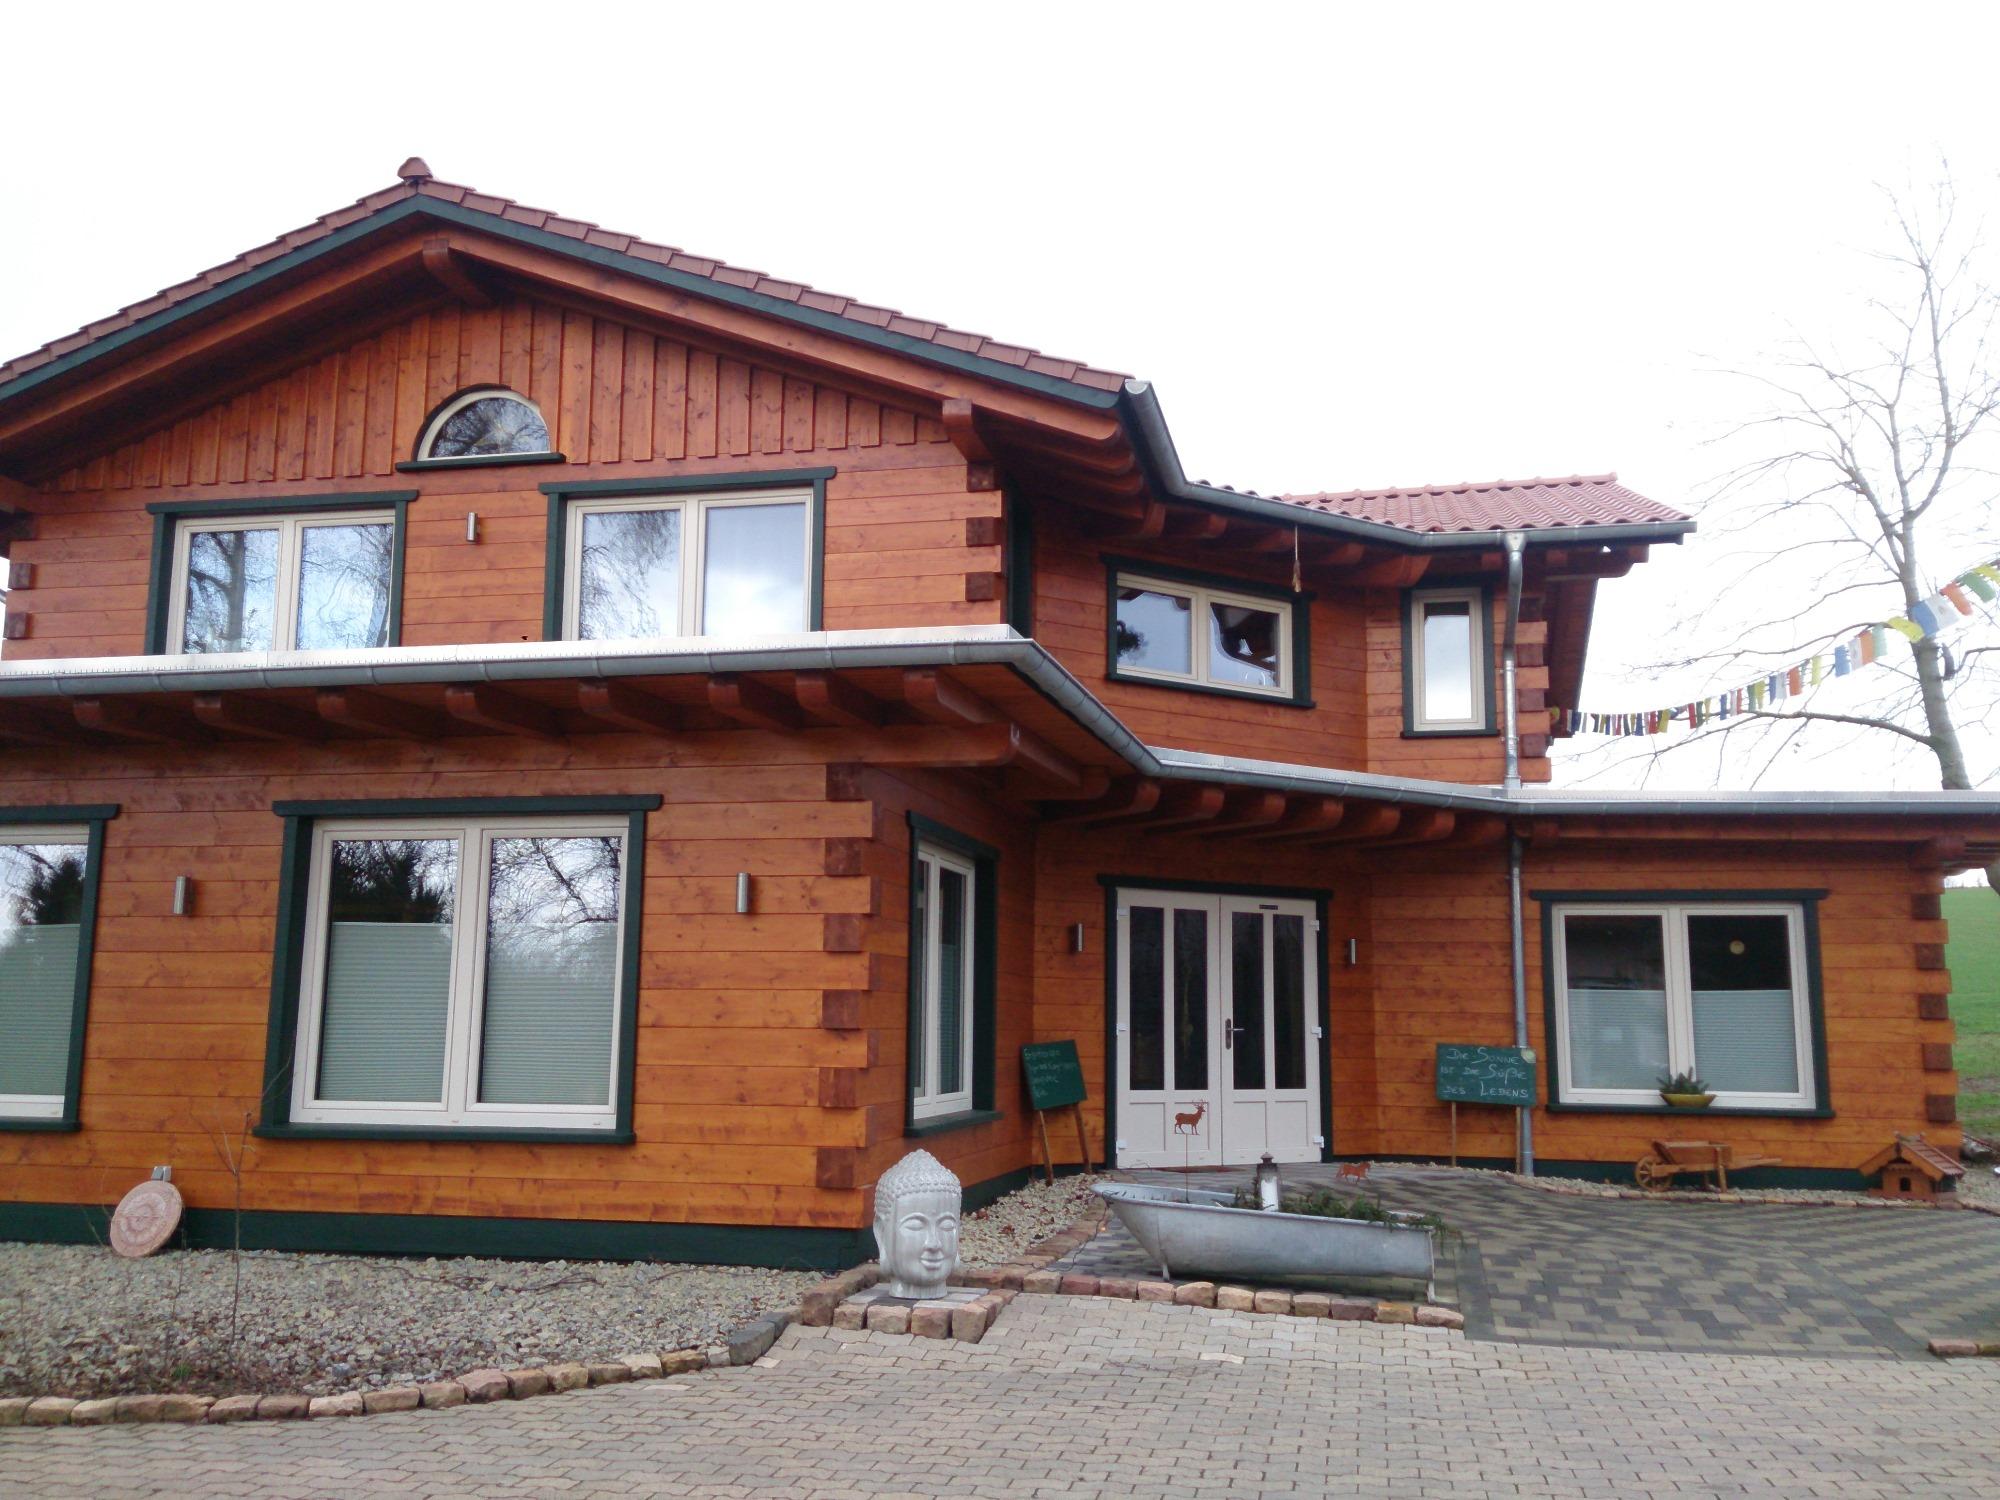 Blockhaus Elegant, Wohnhaus und Praxis, aufgelockerter Grundriss mit versetztem Obergeschoss